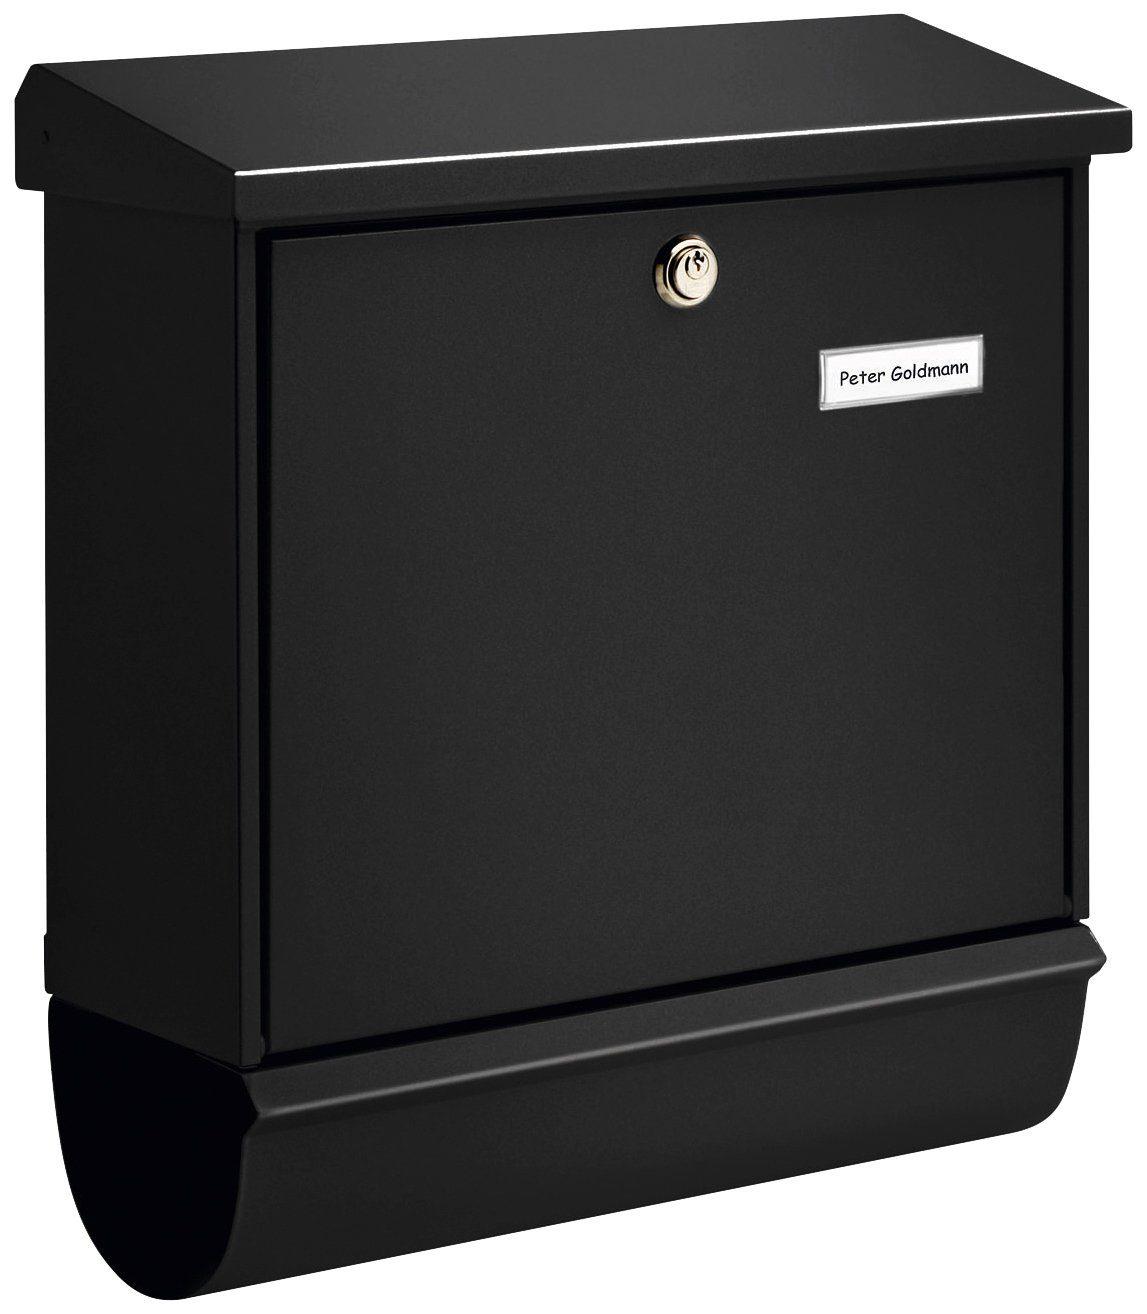 BURG WÄCHTER Briefkasten »Comfort 91300 S«, schwarz, Briefkastenset mit Zeitungsrolle